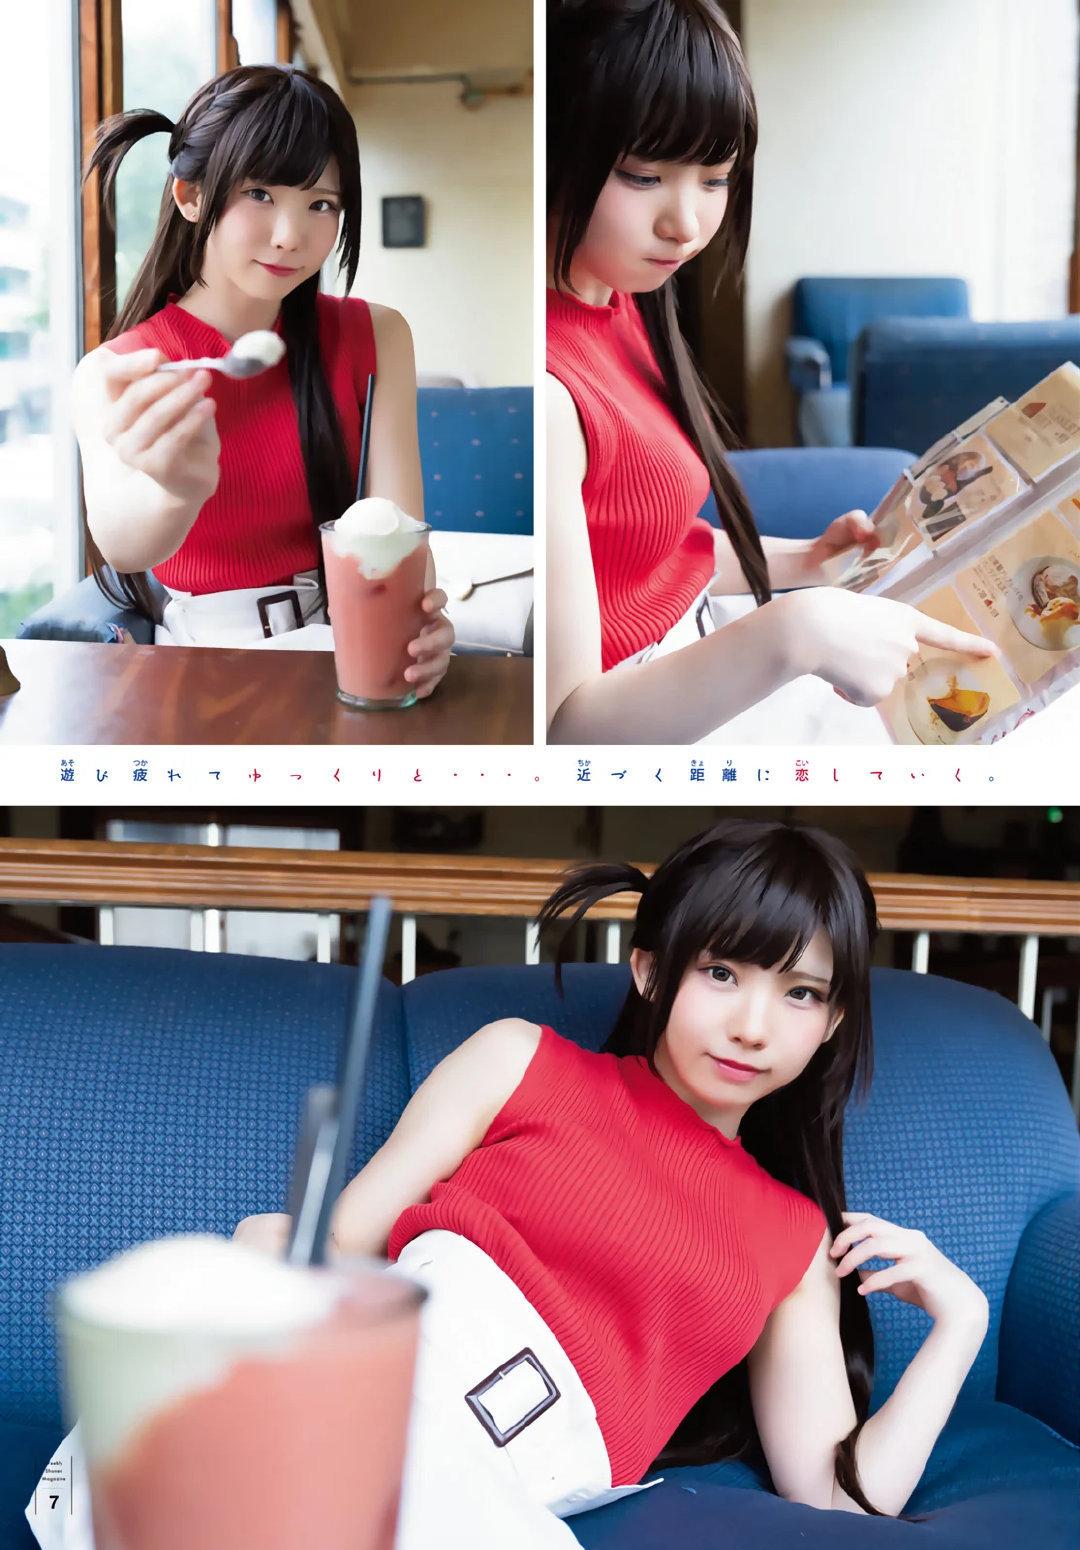 图片[7]-【Cosplay】人气动漫《租借女友》水原千鹤COS作品欣赏-Anime漫趣社